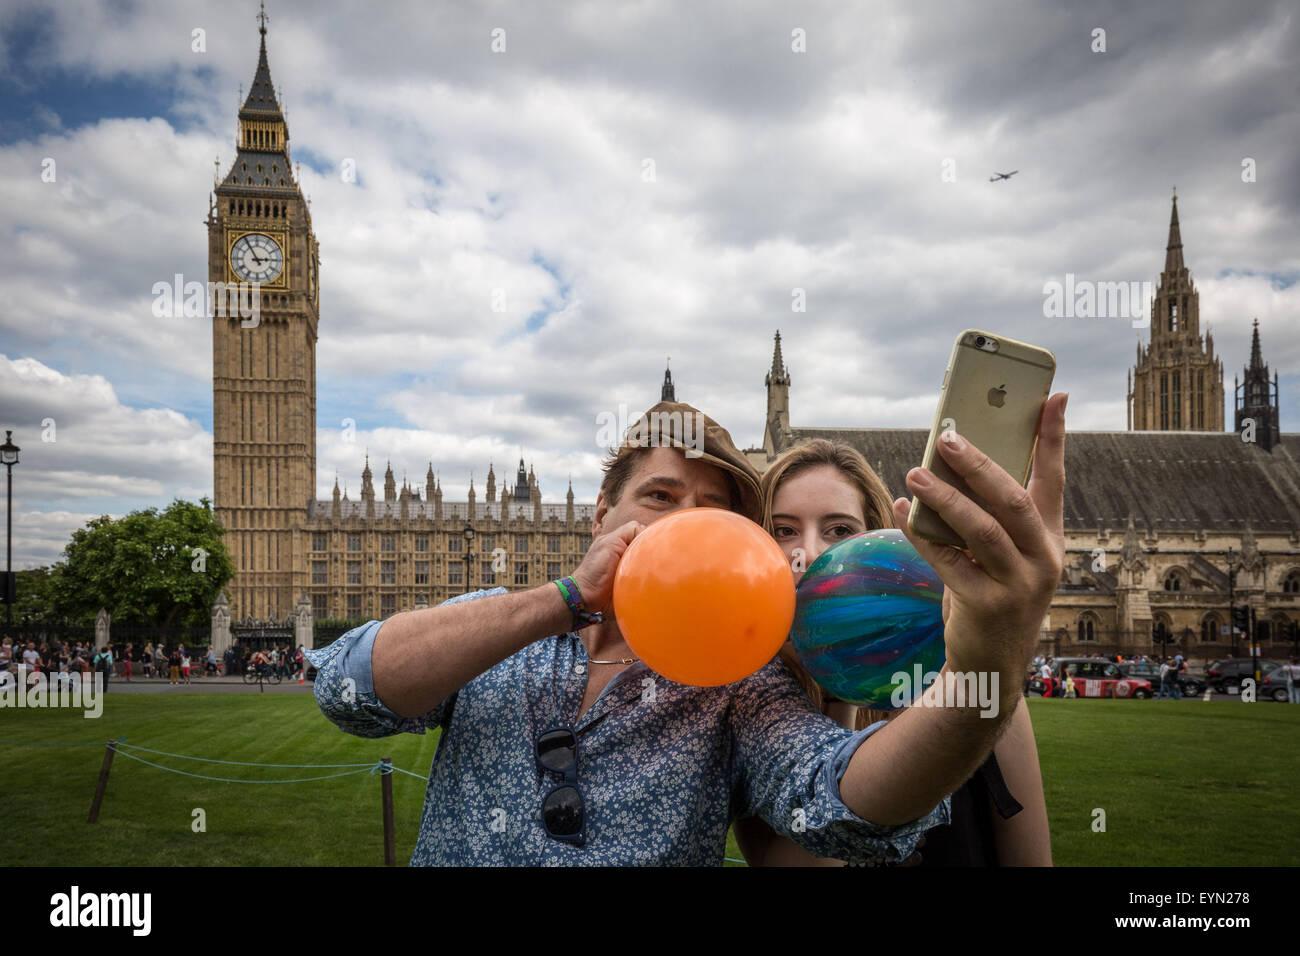 """Londres, Reino Unido. El 1 de agosto de 2015. Los activistas inhalar globos inflados con óxido nitroso, conocido comúnmente como """"gas de la Risa"""" para obtener alta durante una protesta en la Plaza del Parlamento de Westminster contra un proyecto de ley que apunta a hacer la venta de cualquier sustancia psicoactiva ilegal. Crédito: Guy Corbishley/Alamy Live News Foto de stock"""